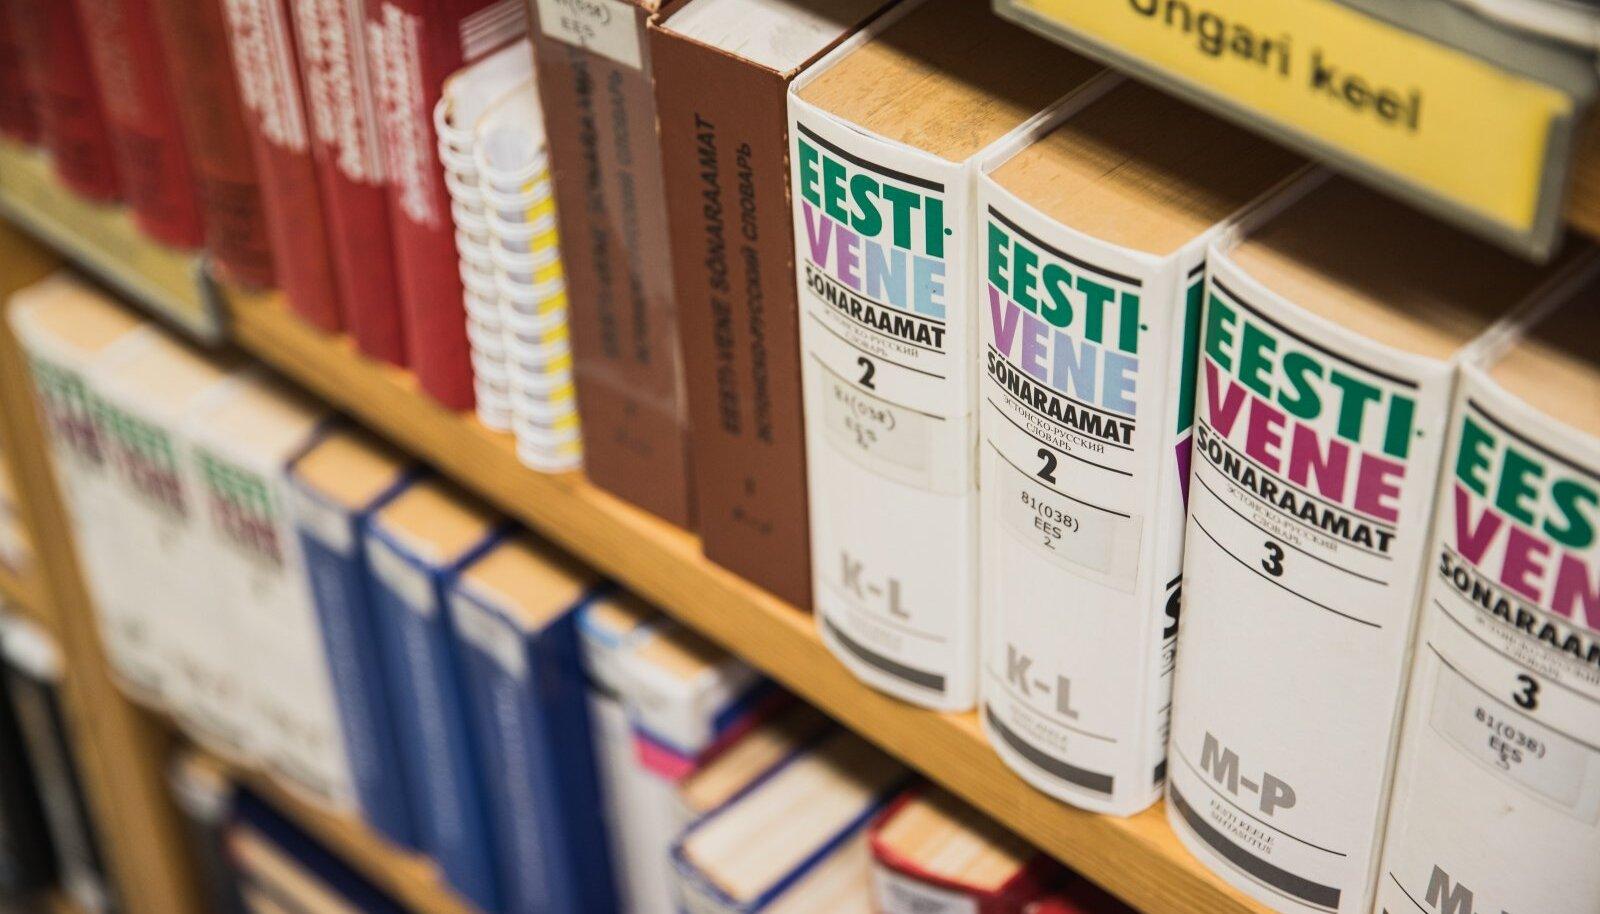 Eesti-Vene keeleõpe